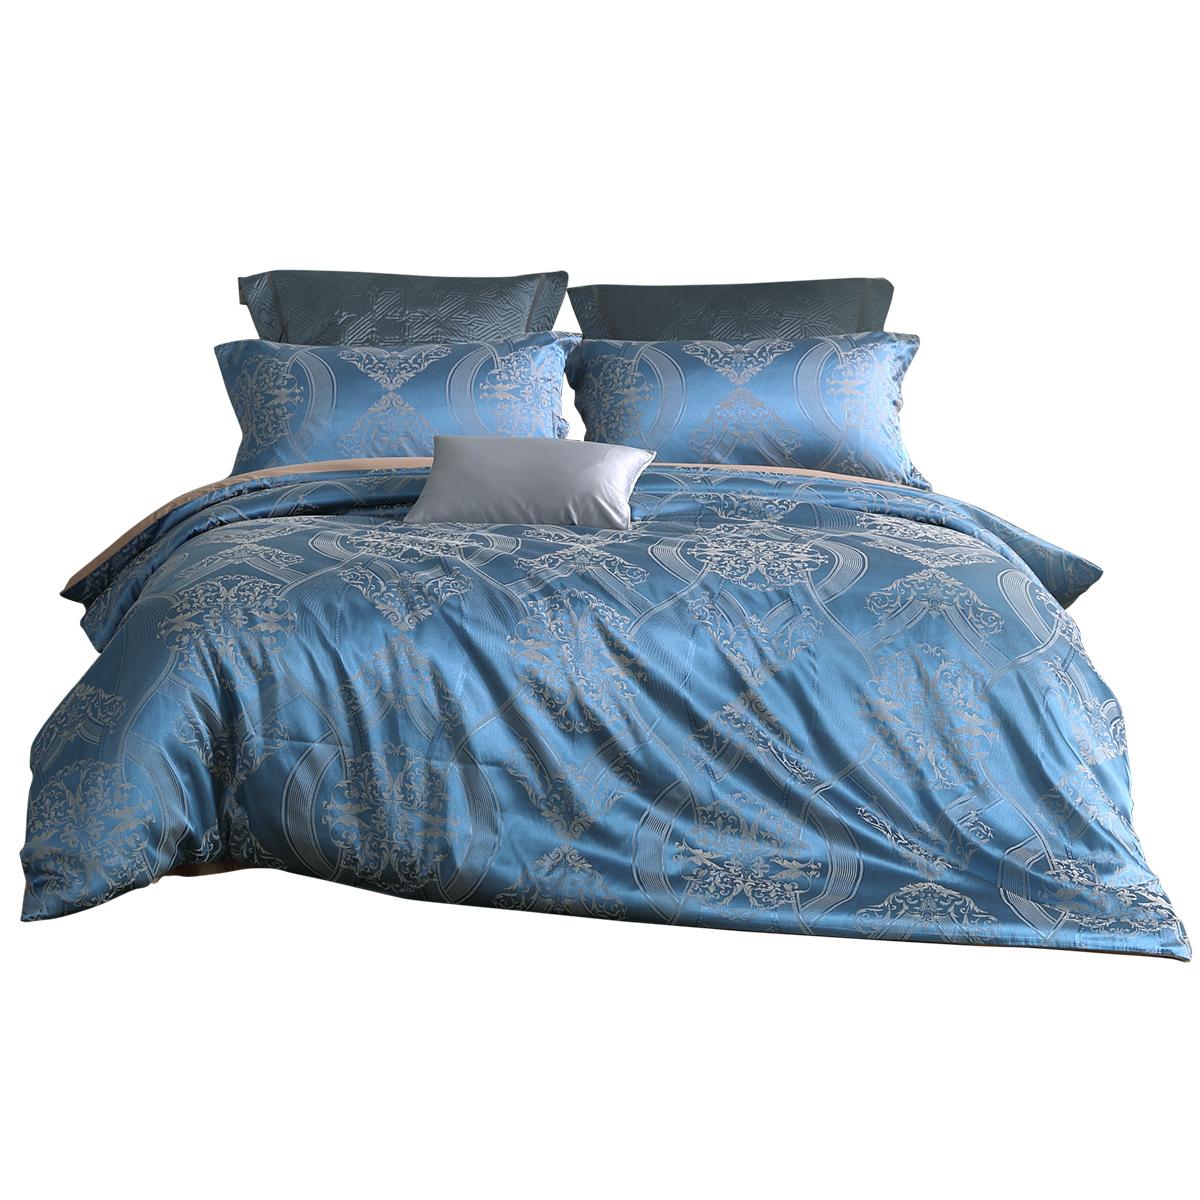 新品 19 米床上用品 1.8 欧式提花套件简约四件套巴黎夜色 水星家纺